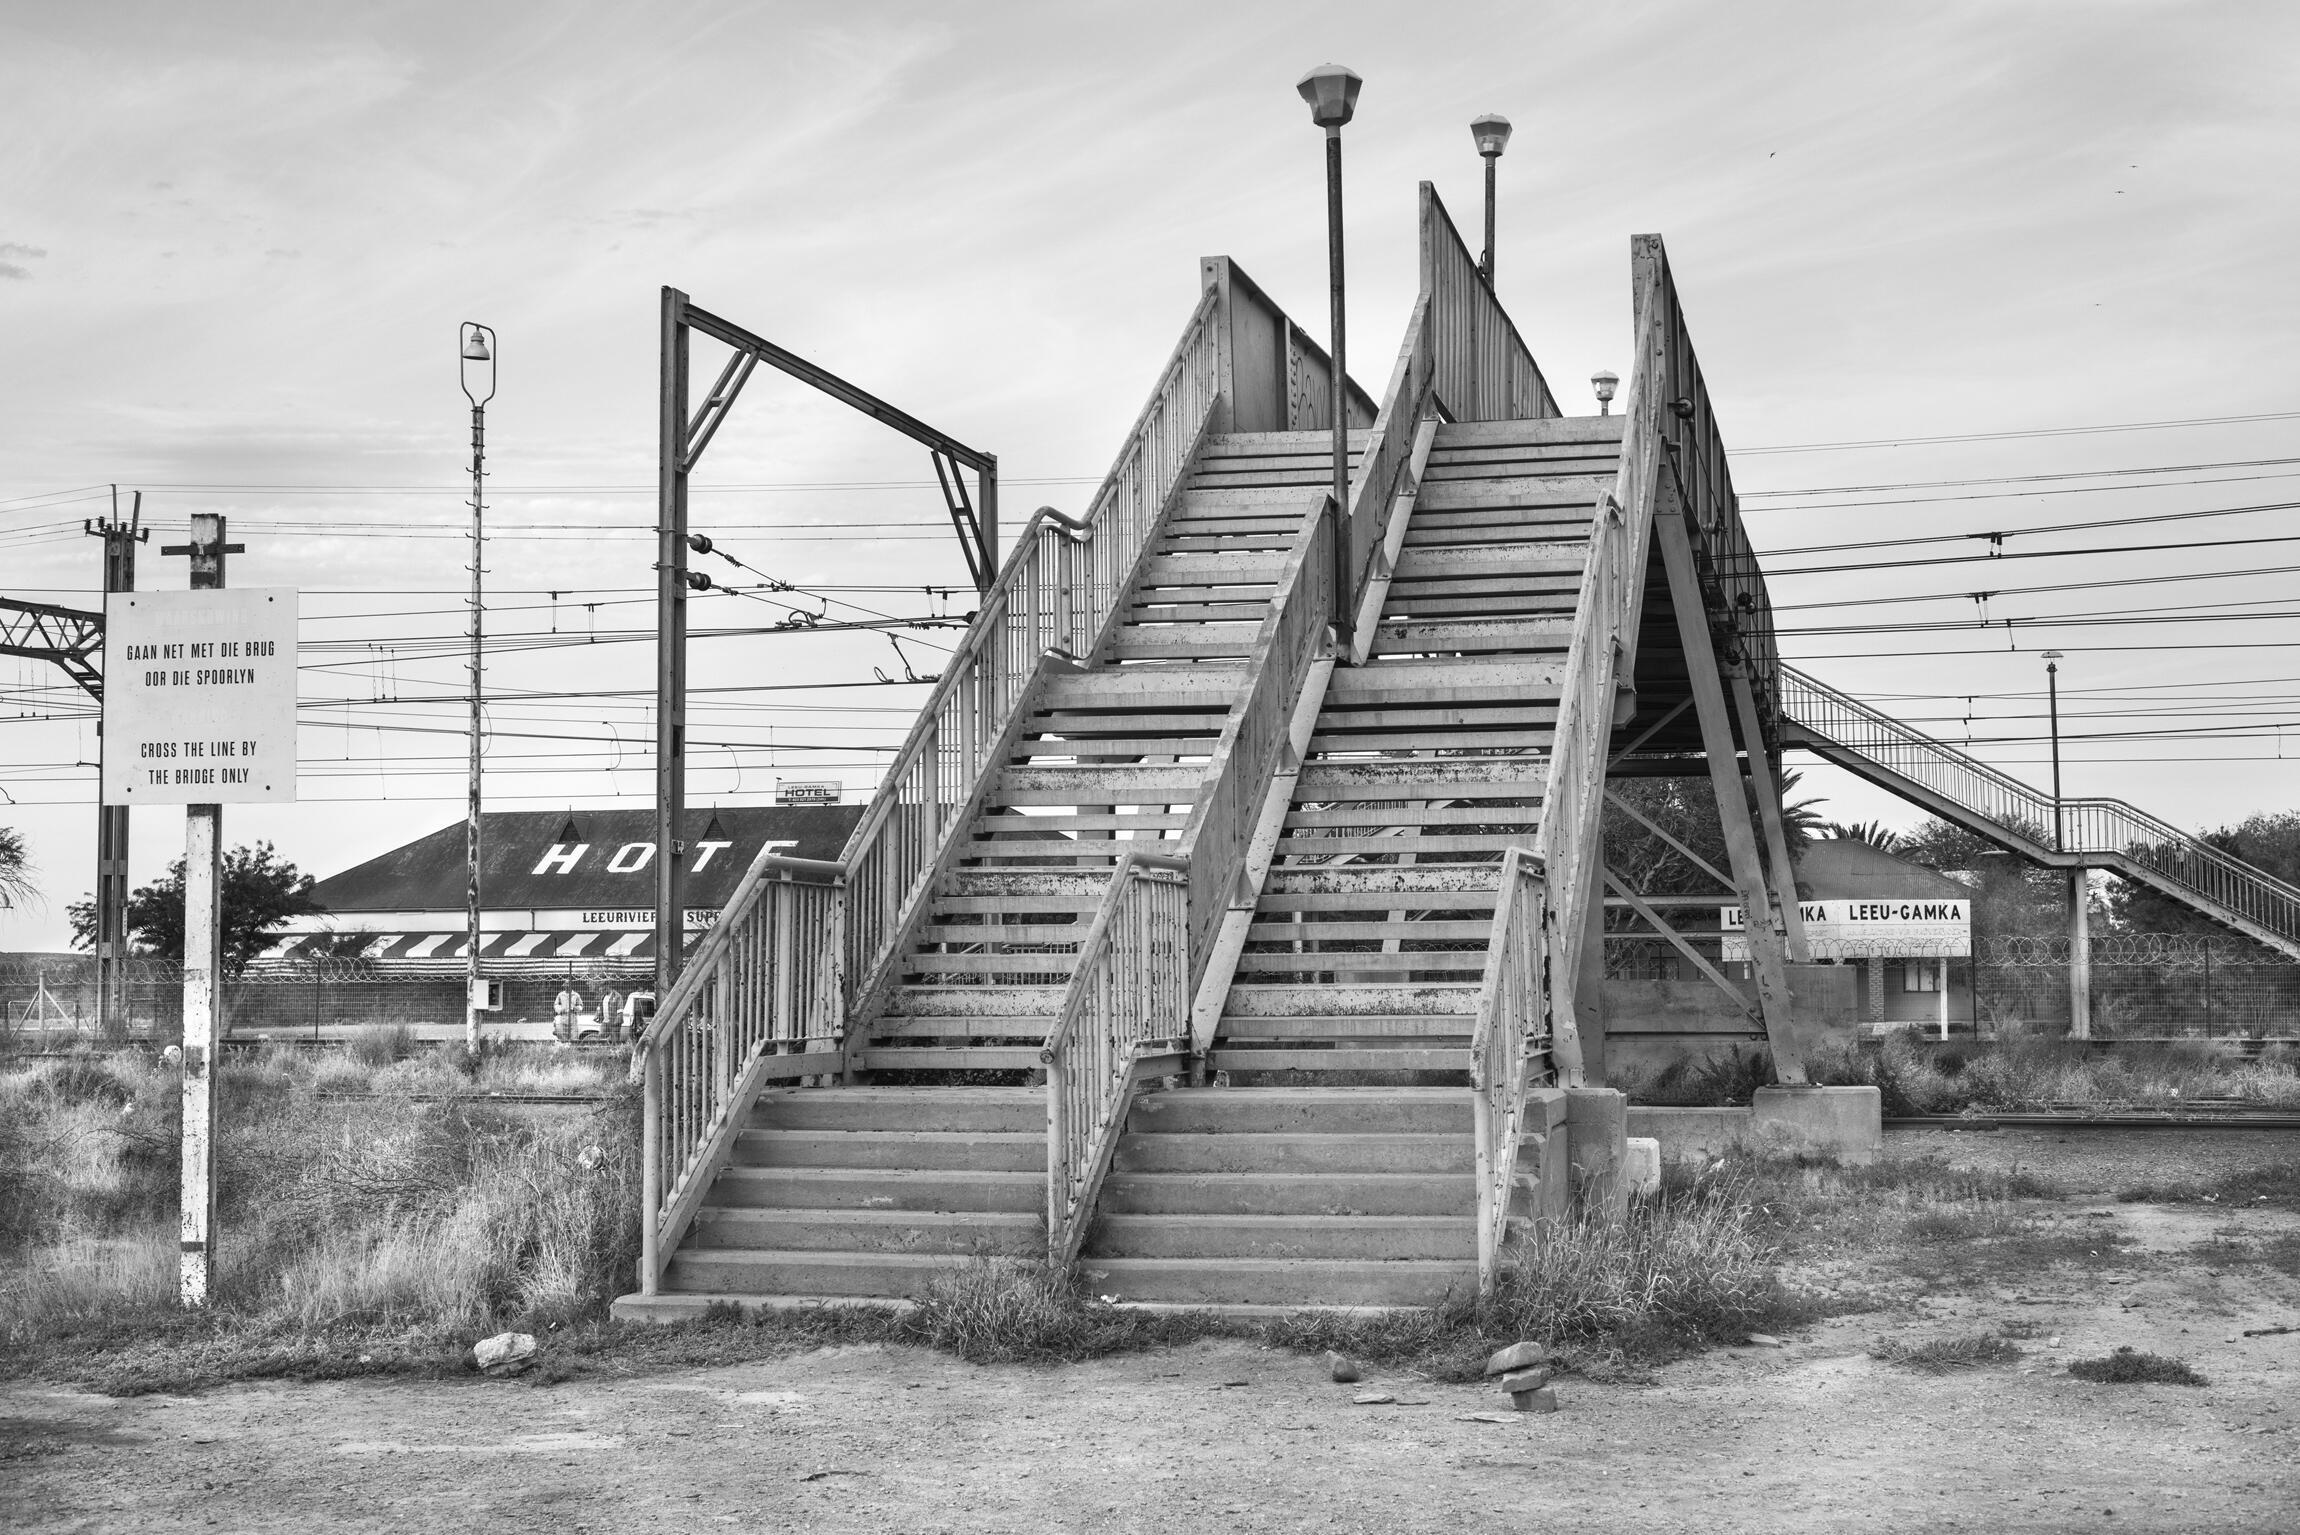 Cây cầu vắt ngang đường rầy xe lửa ở ngôi làng Leeu Gamka. Ảnh chụp tháng 8/2016.